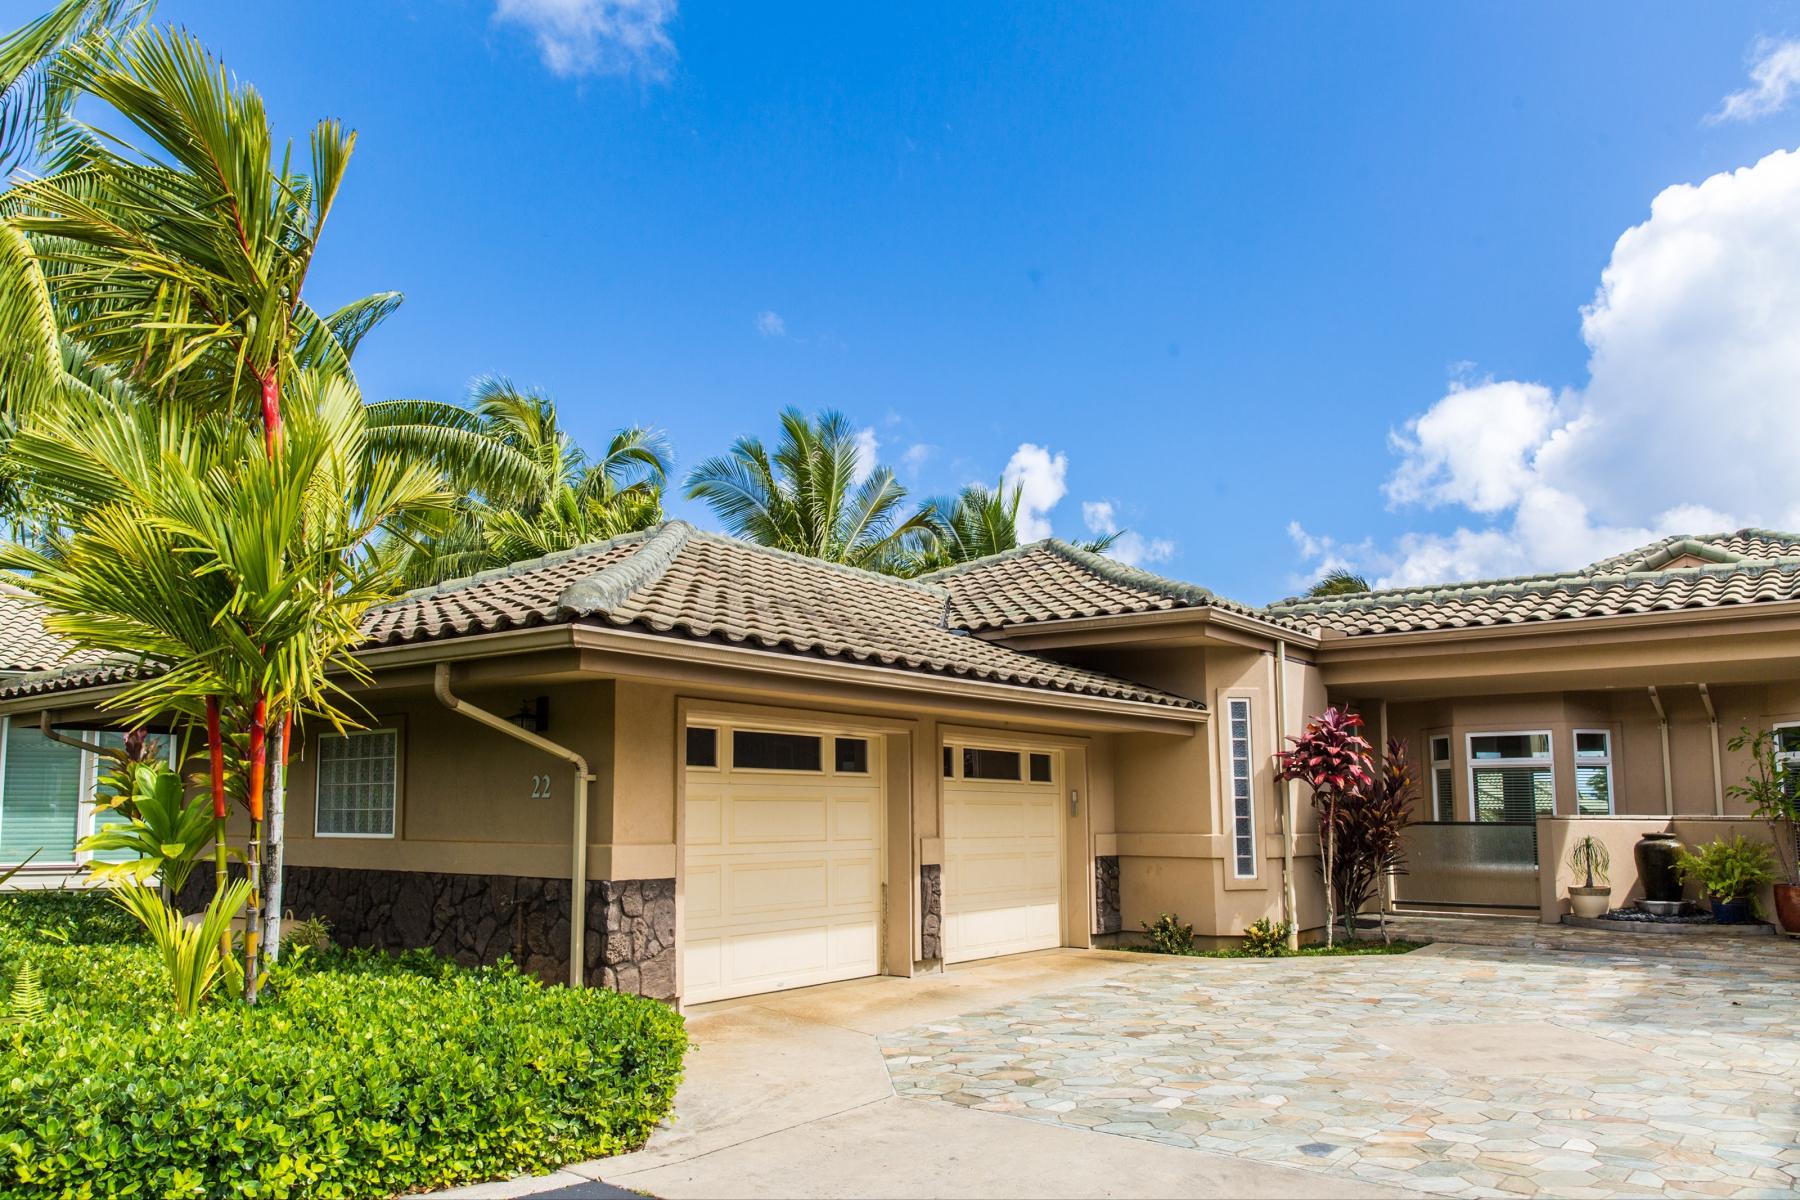 Eigentumswohnung für Verkauf beim Ka'iulani of Princeville #22 4100 Queen Emmas Dr. #22 Princeville, Hawaii, 96722 Vereinigte Staaten